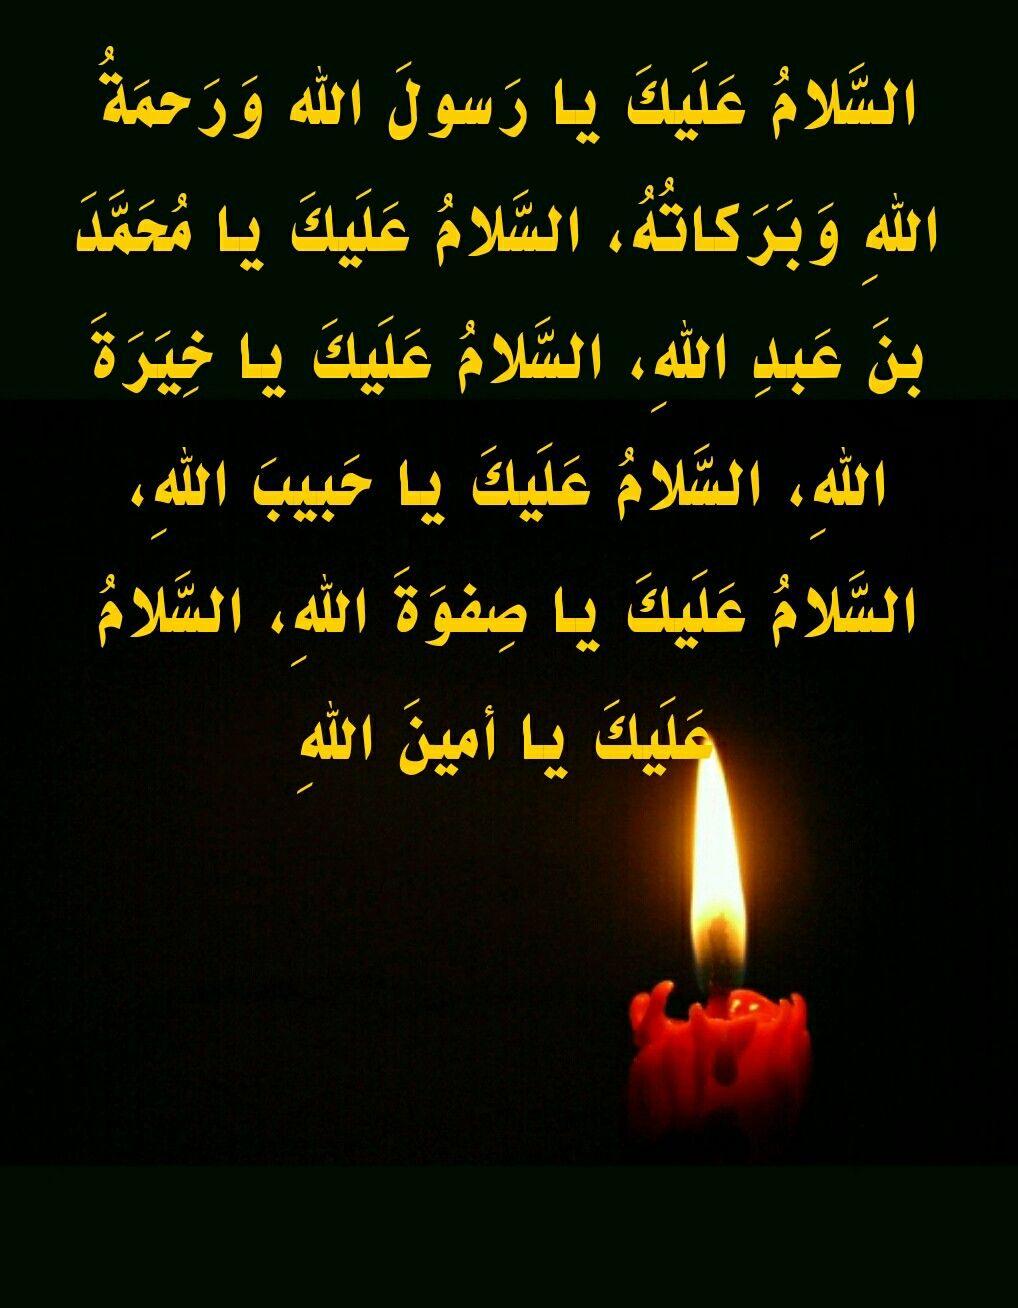 السلام عليك يا رسول الله مكتوبة